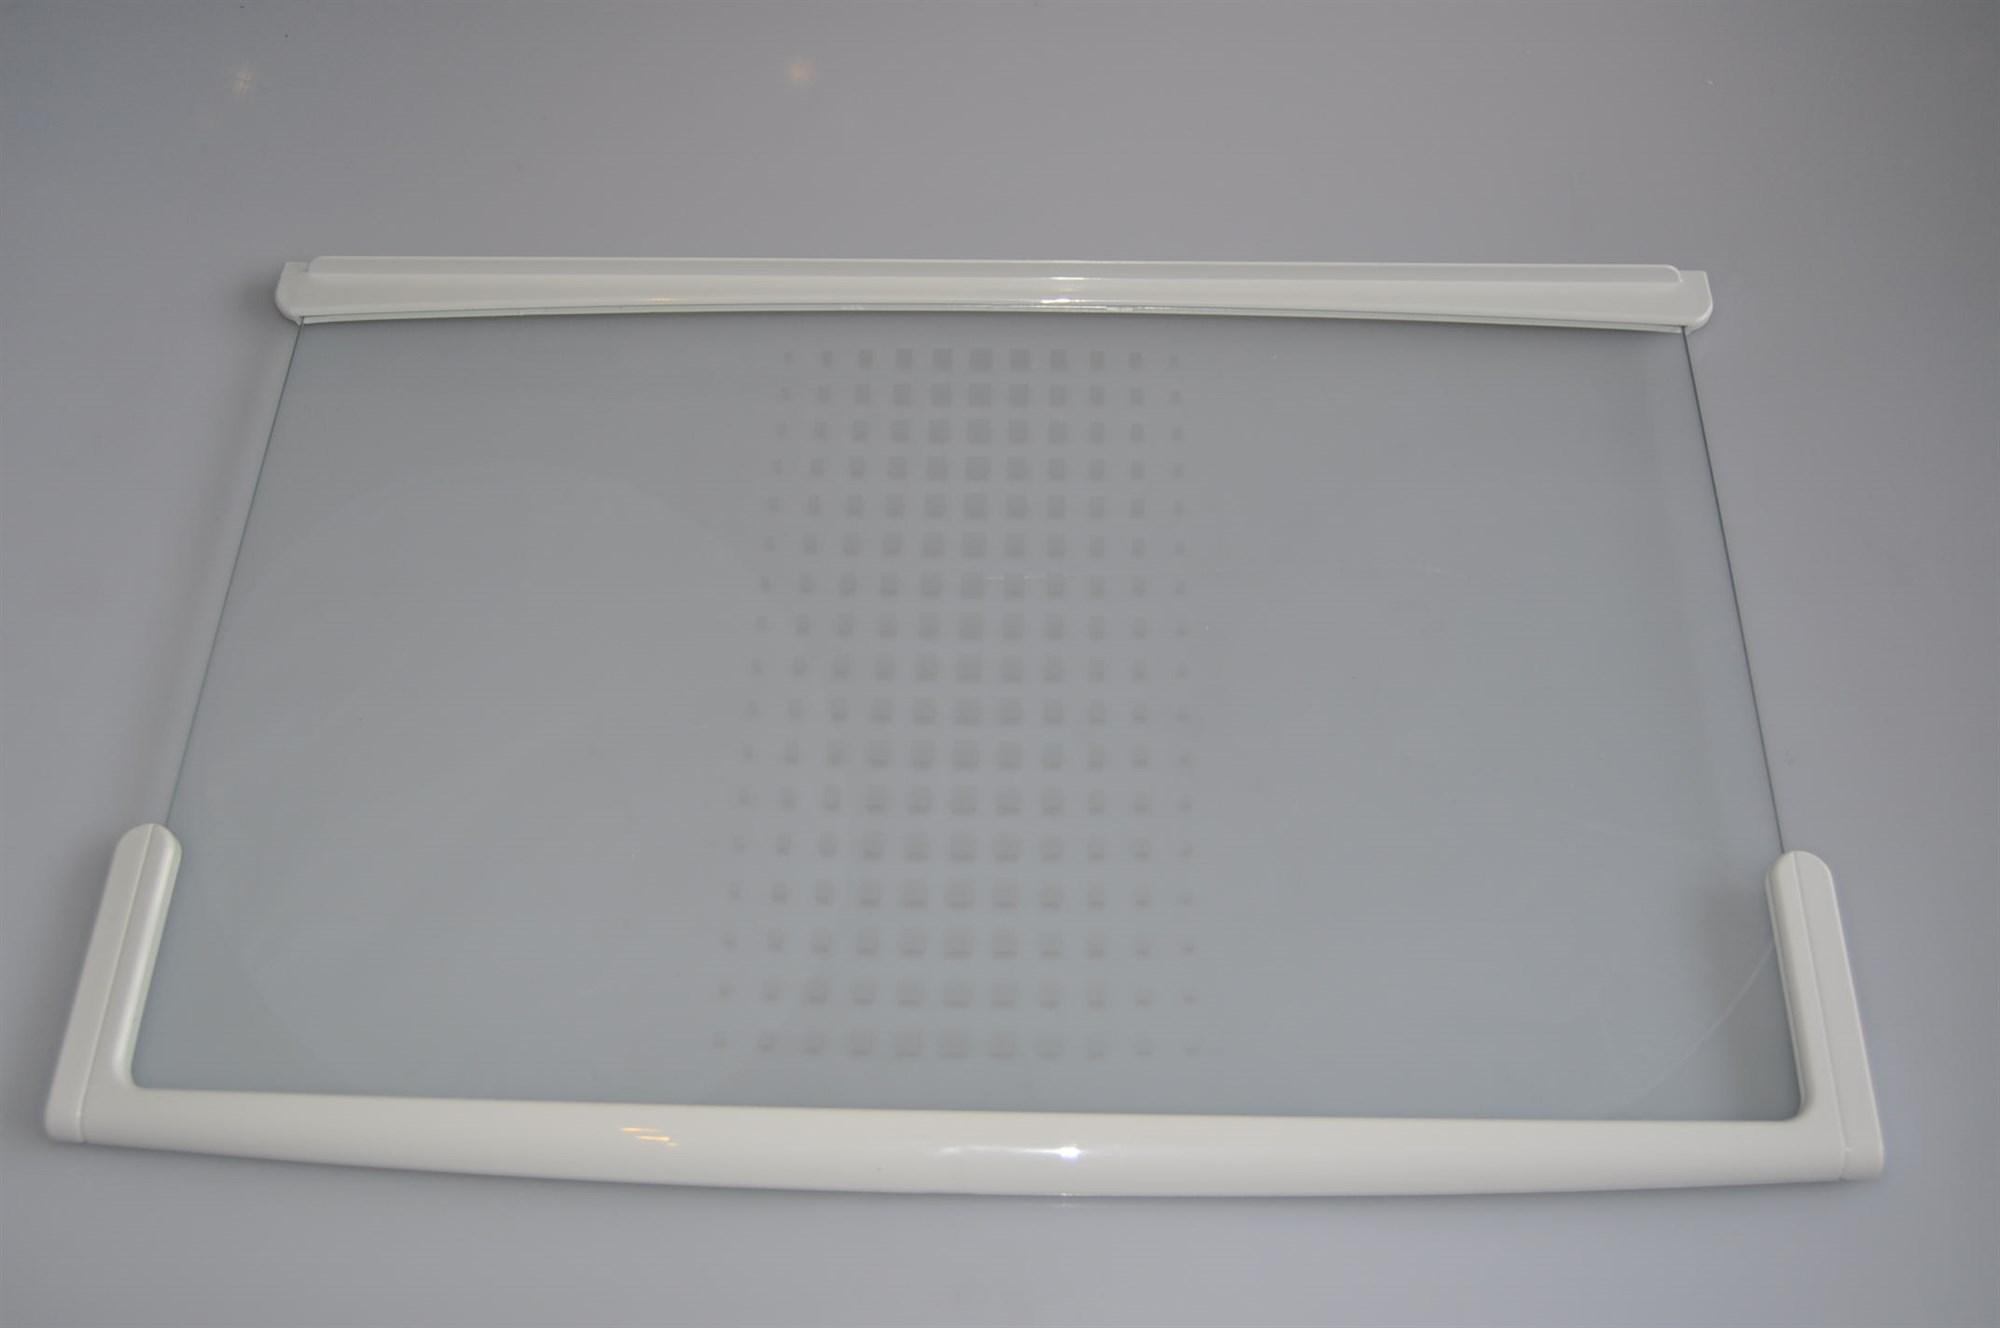 clayette en verre smeg r frig rateur cong lateur 20 3 mm x 523 498 mm x 338 mm pas. Black Bedroom Furniture Sets. Home Design Ideas